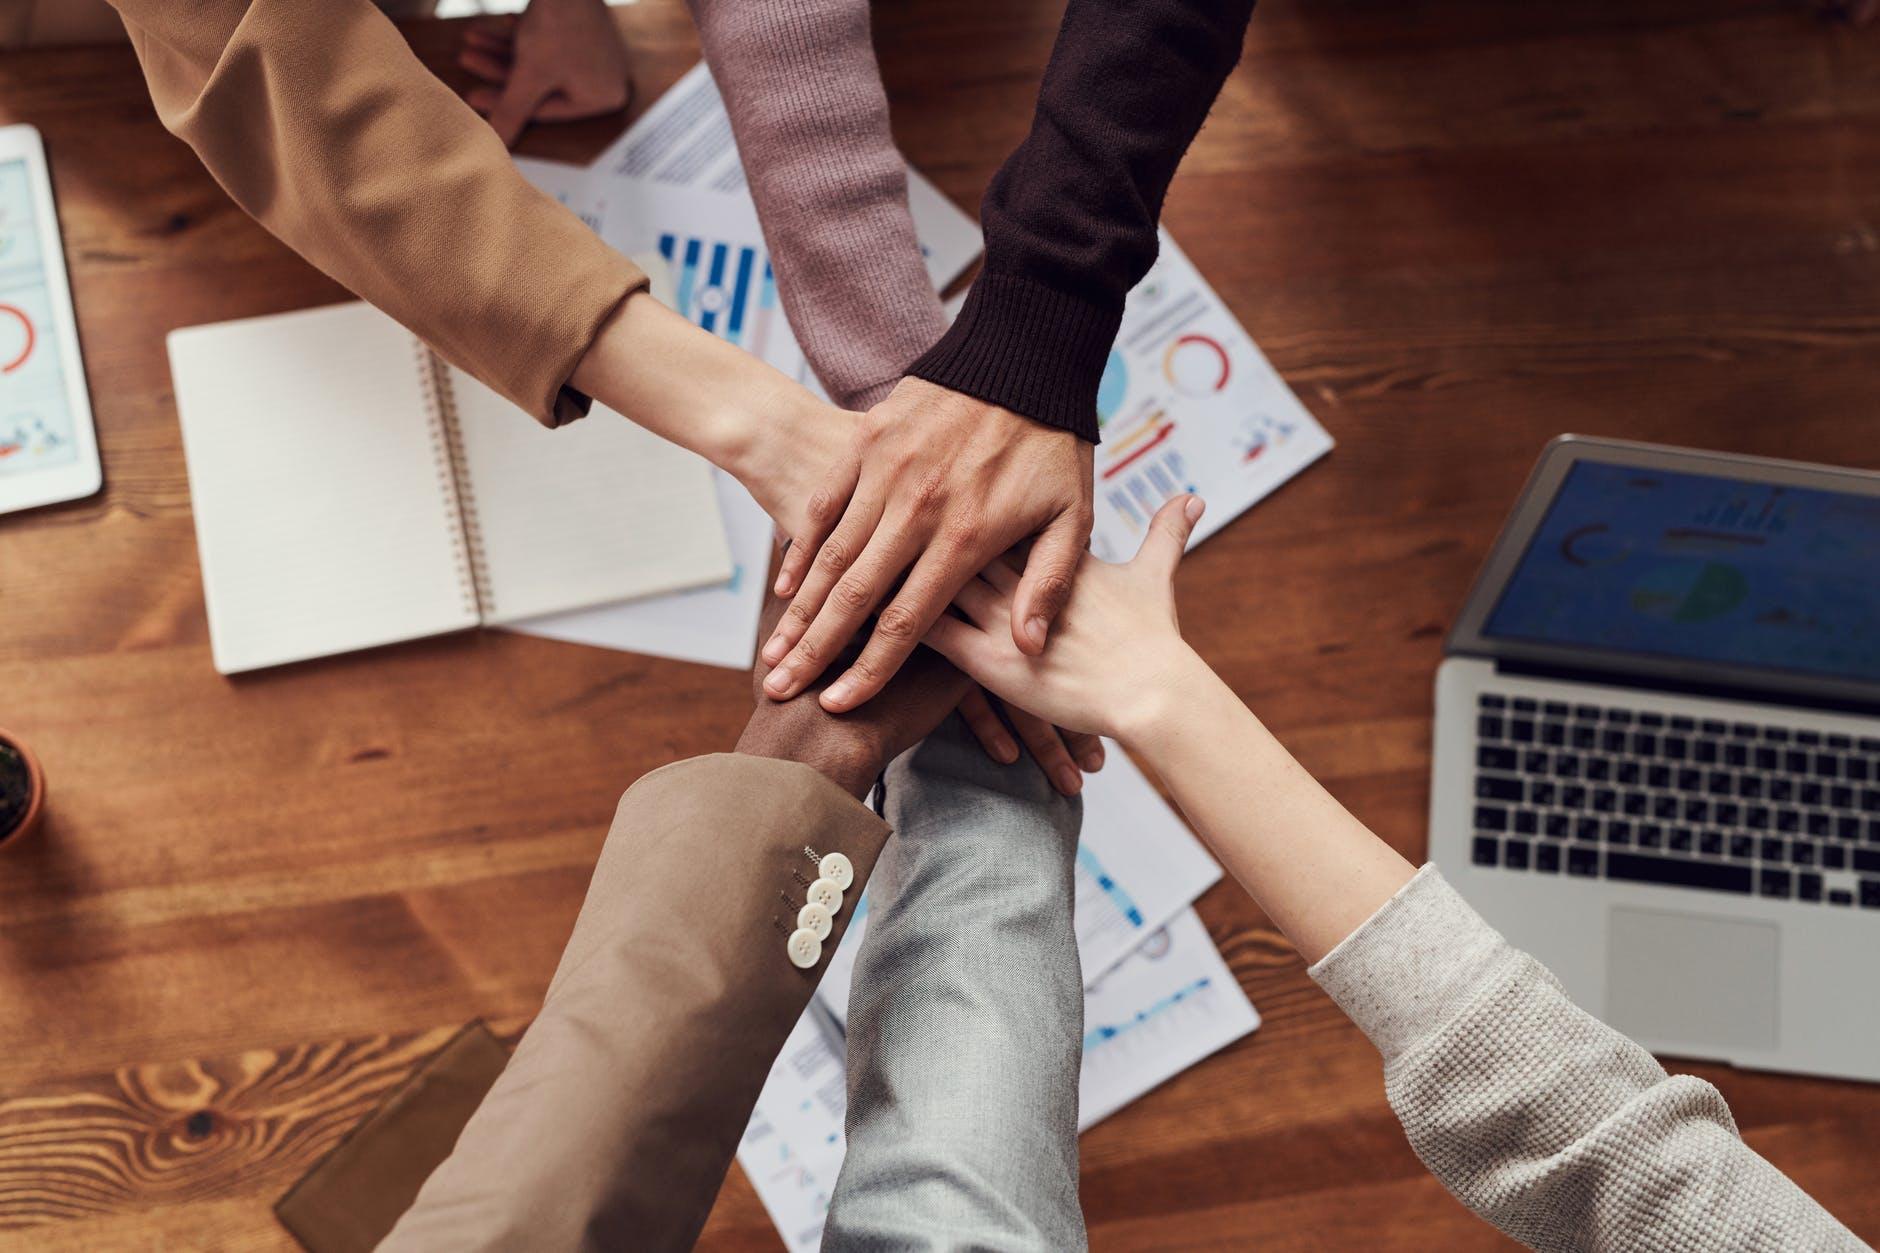 Como motivar uma equipe e ter seu comprometimento?